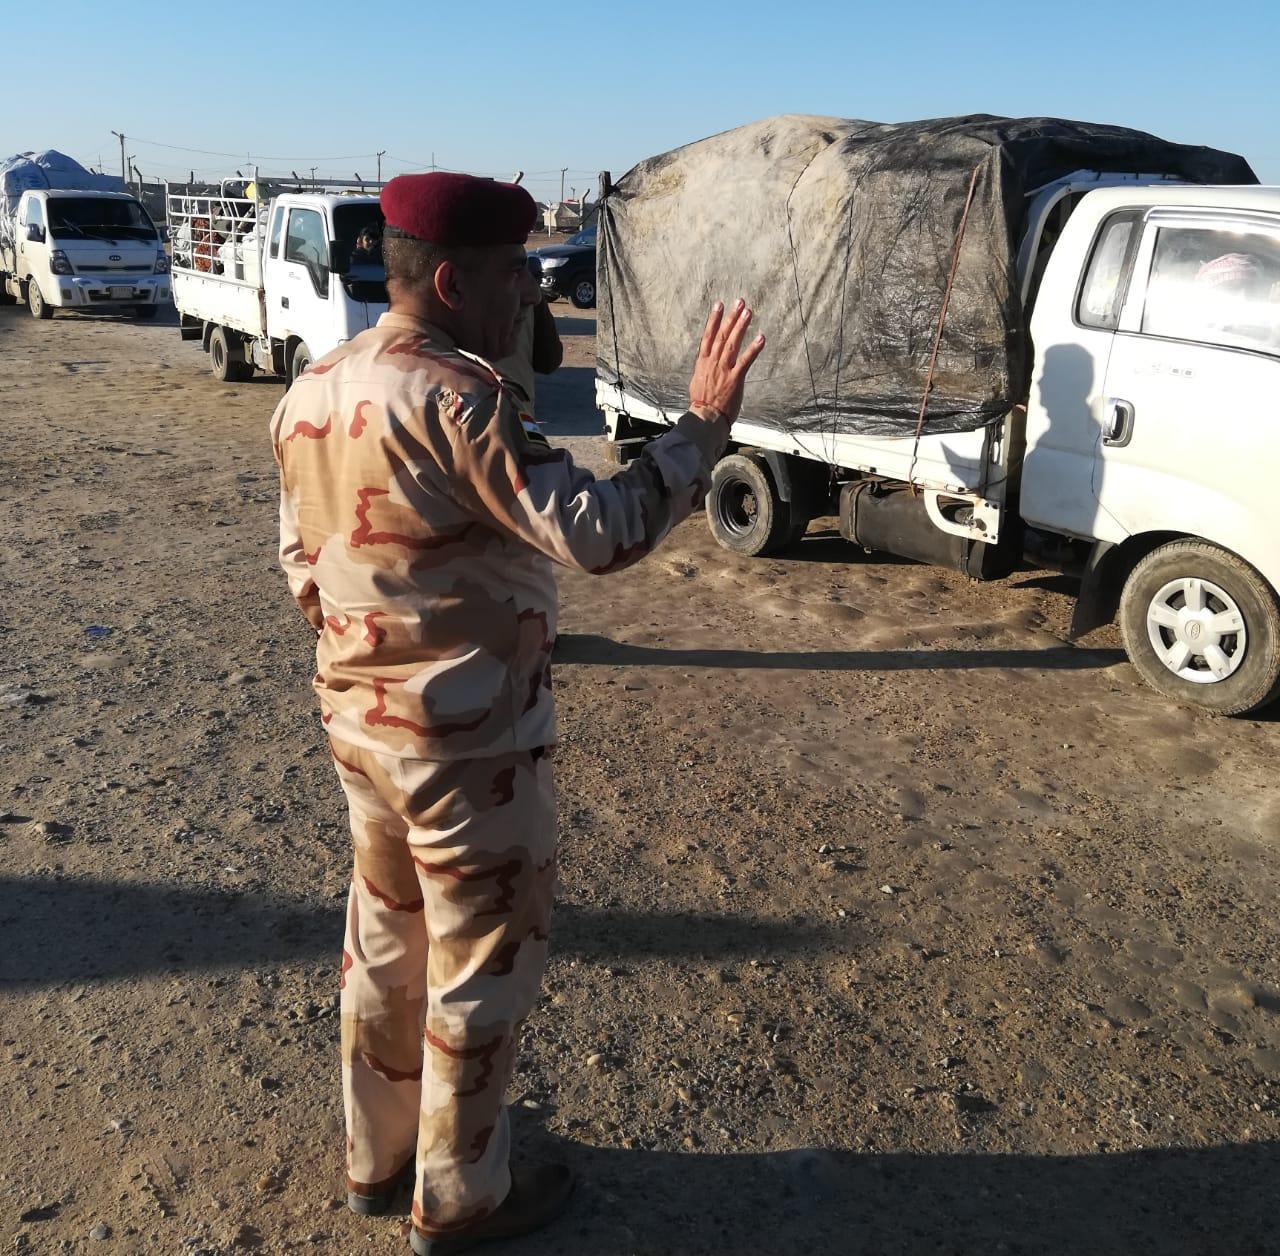 عمليات الانبار تسعى لغلق المخيمات من خلال اعادة النازحين لمناطقها المحررة